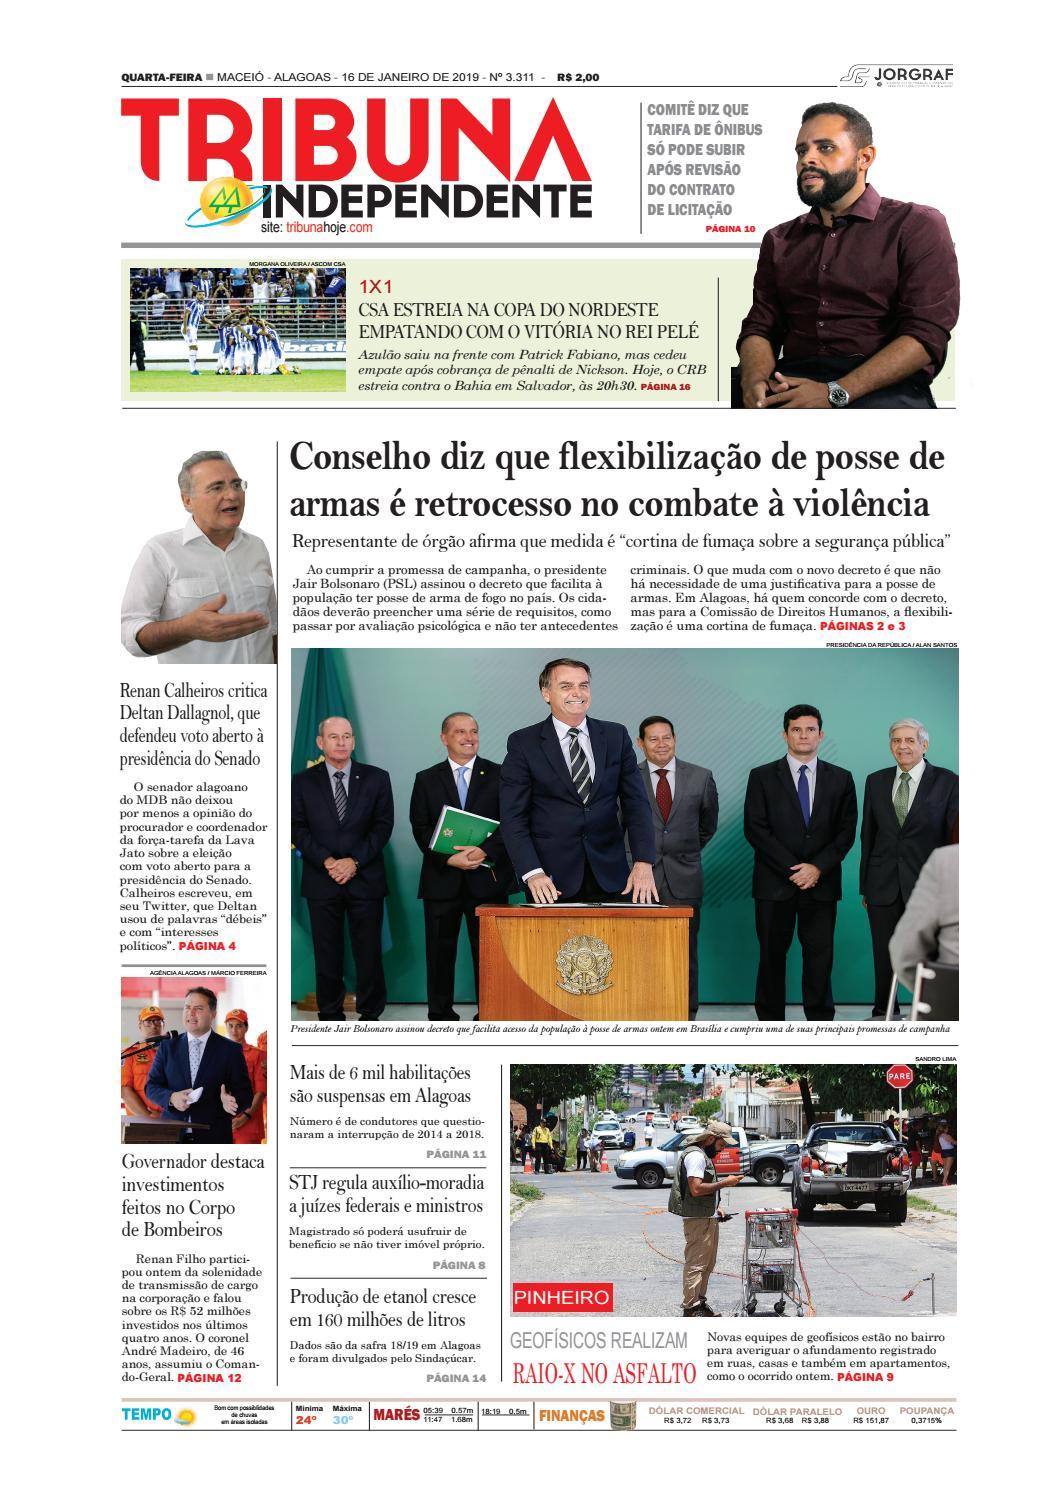 30d4eb2424 Edição número 3311 - 16 de janeiro de 2019 by Tribuna Hoje - issuu